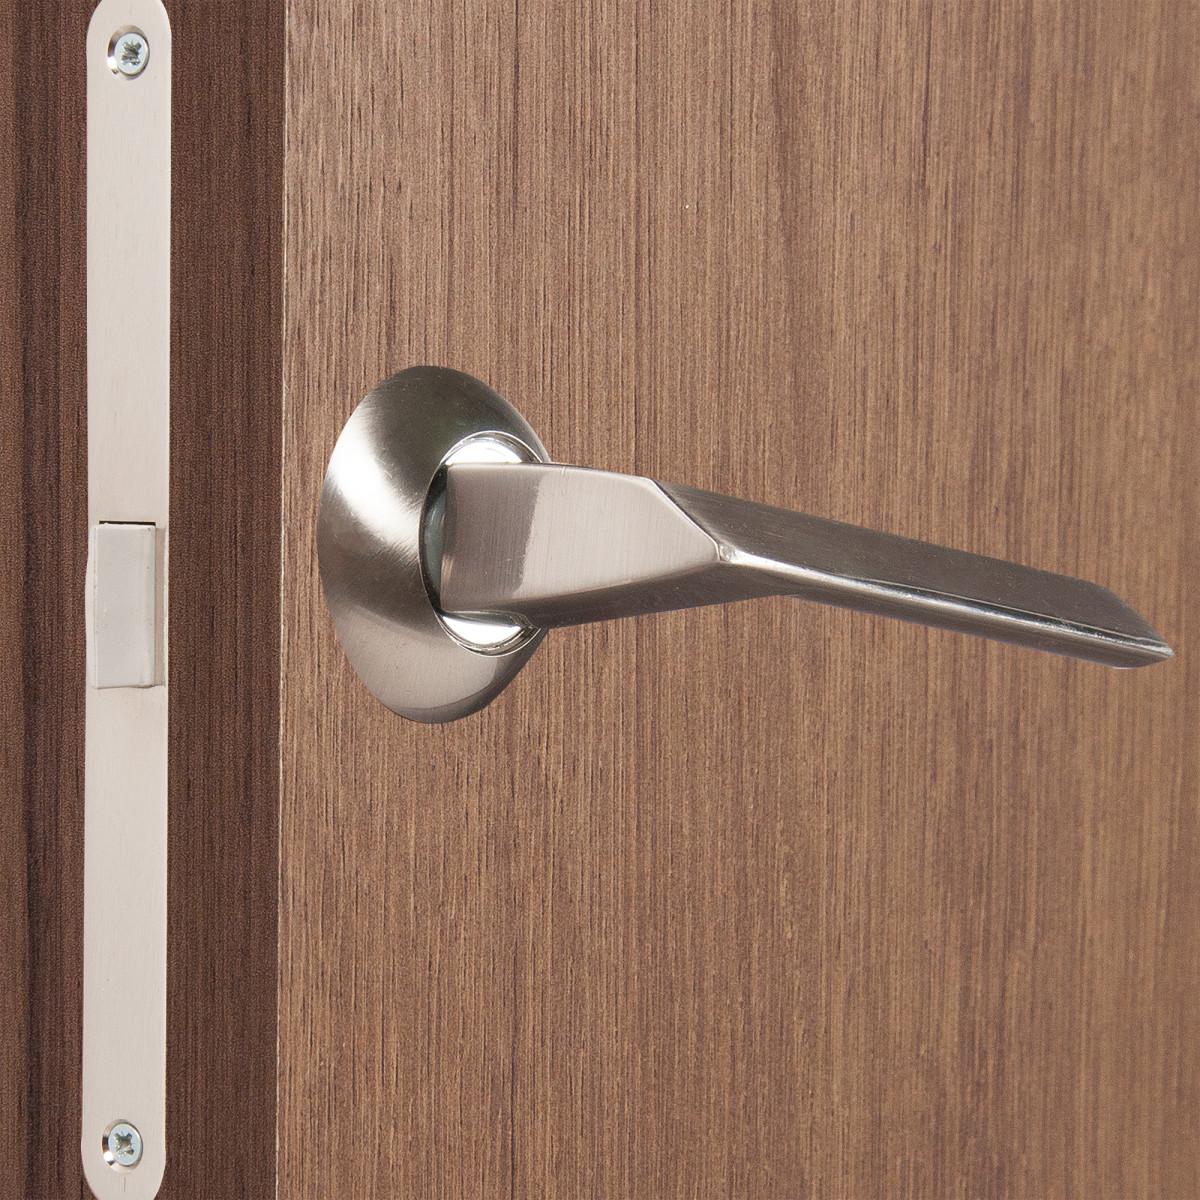 Дверь Межкомнатная Остеклённая 90x200 Ламинация Цвет Дуб Селект